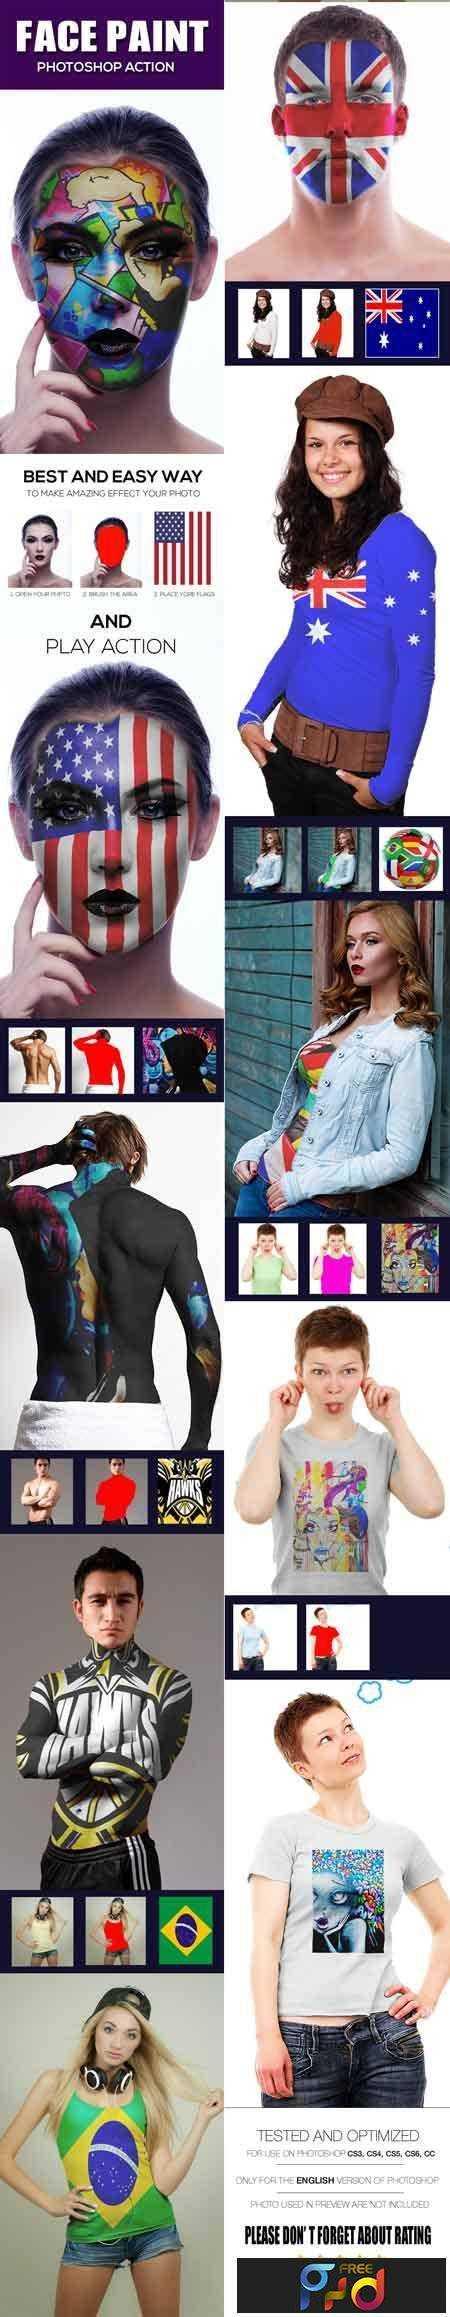 FreePsdVn.com_1703314_PHOTOSHOP_face_paint_photoshop_action_19992483